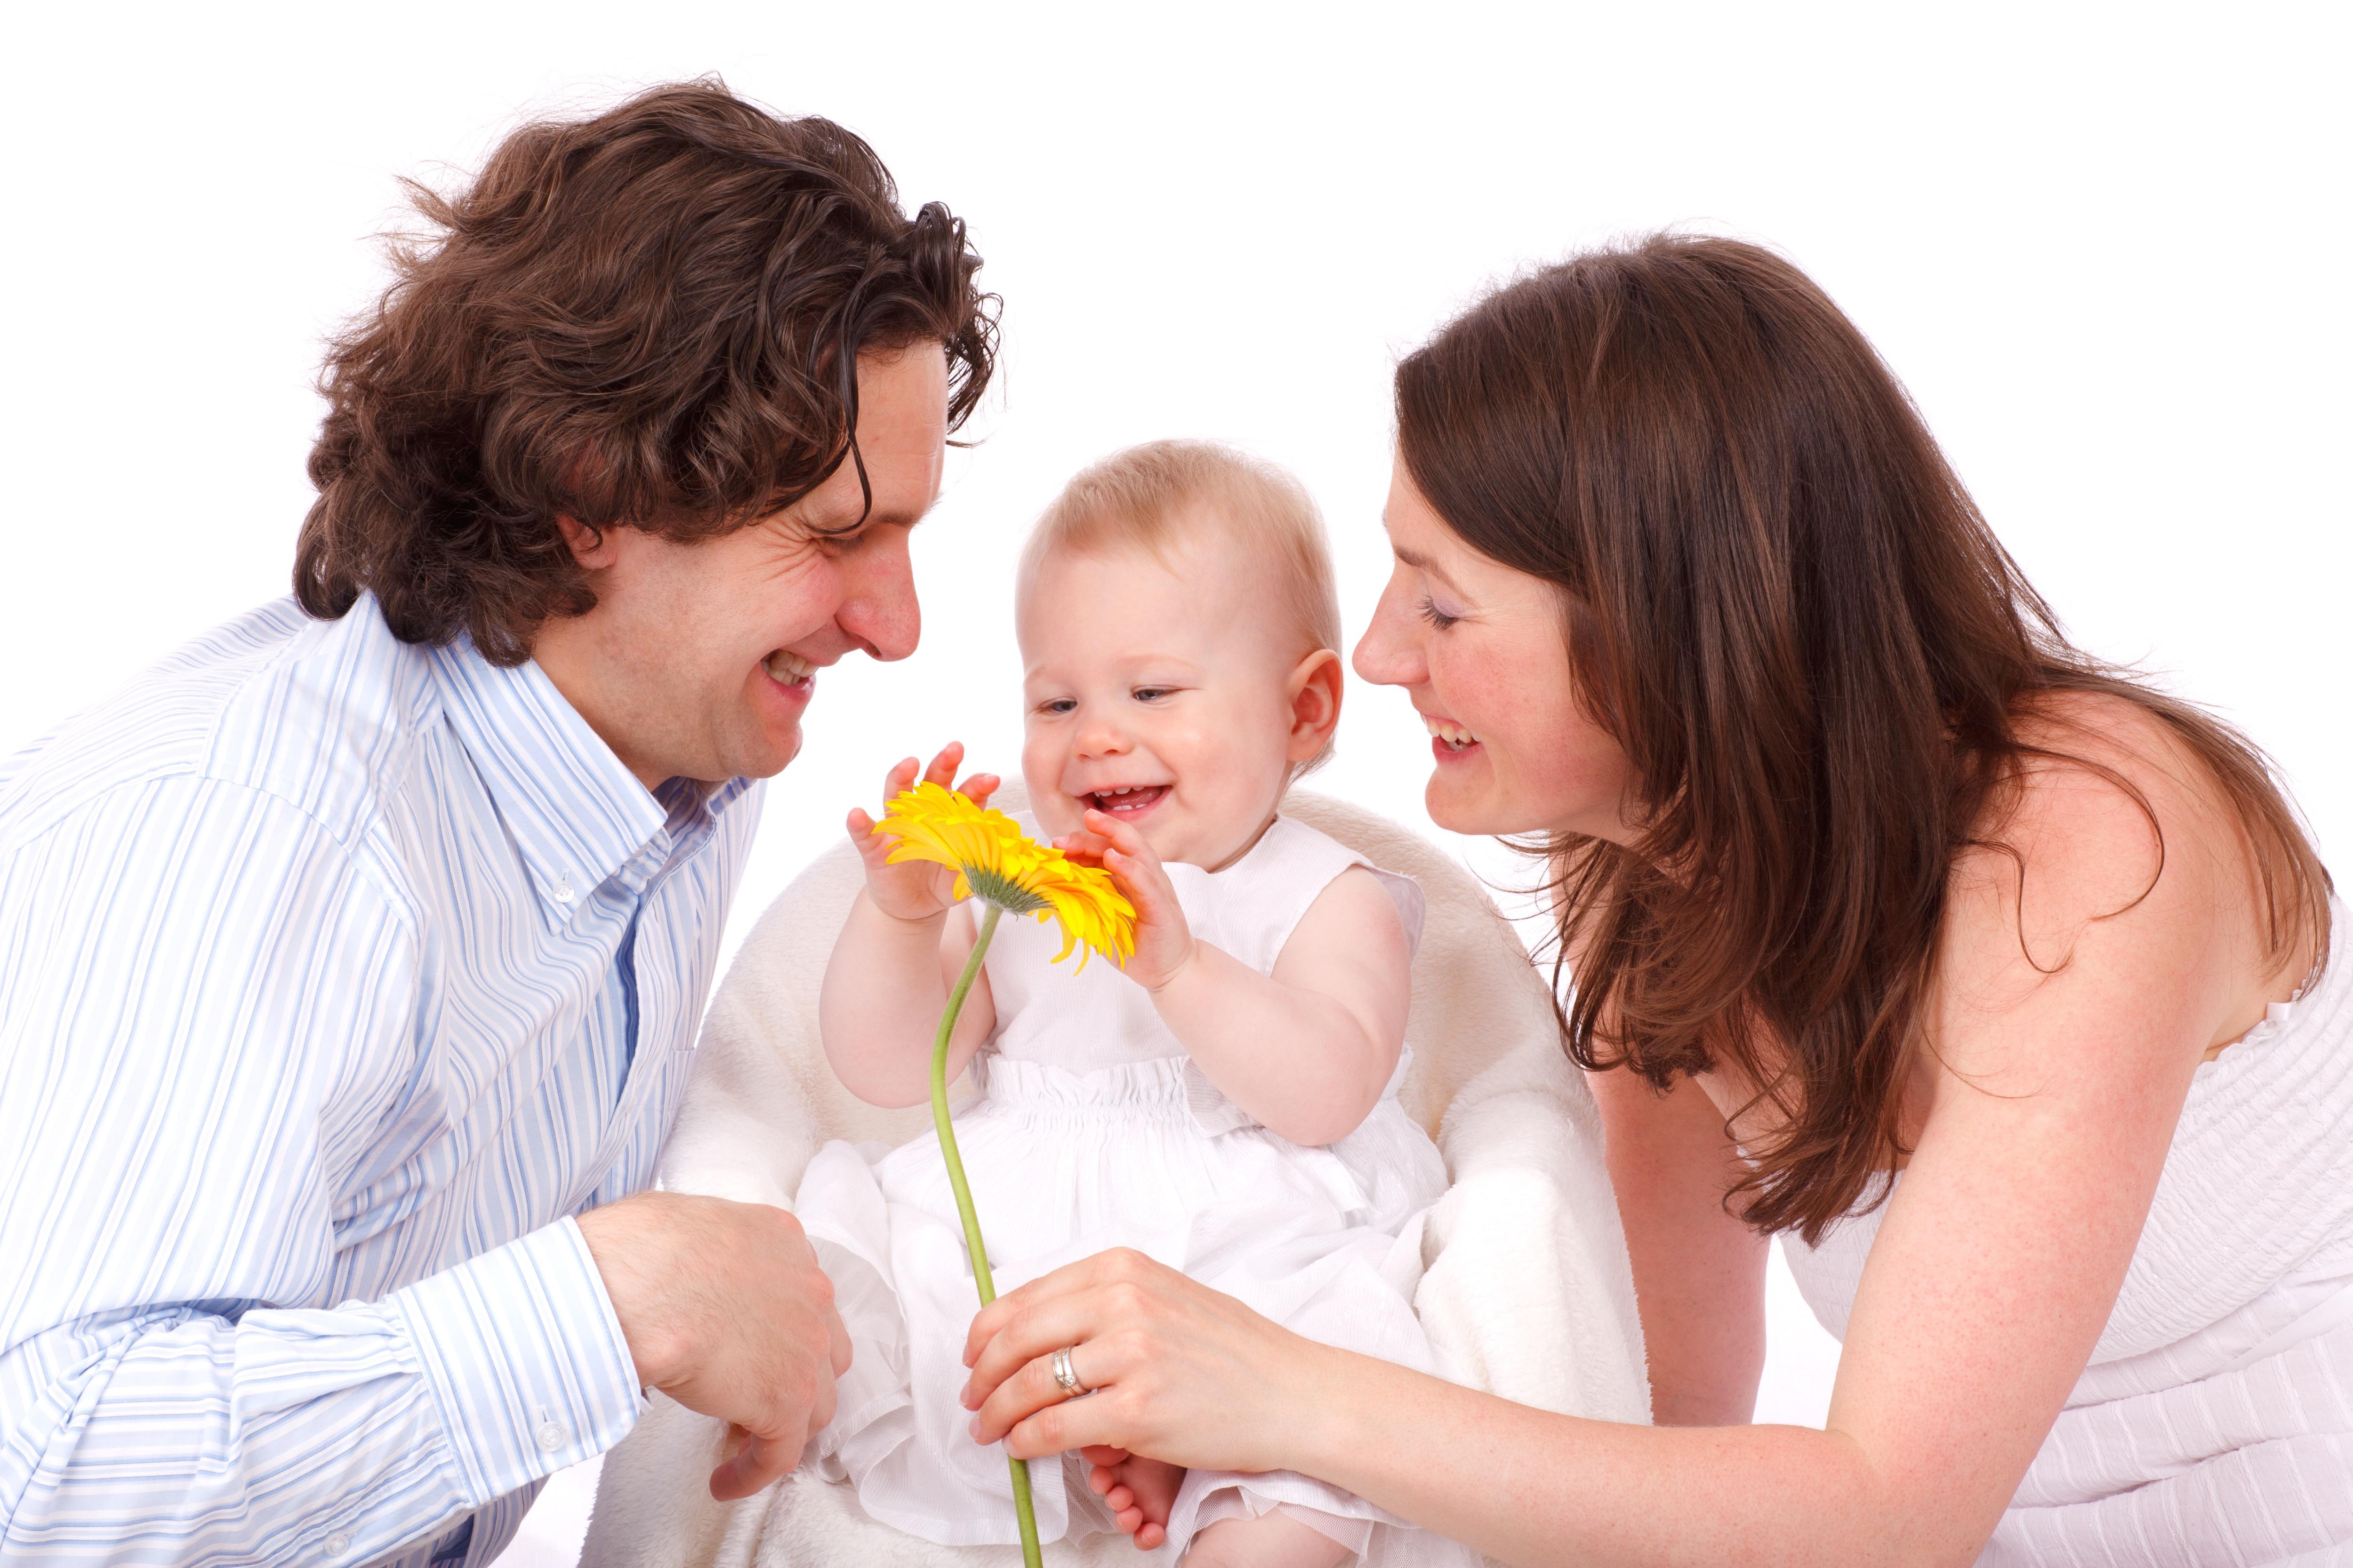 baby-caucasian-child-daughter-53571.jpeg (4999×3332)